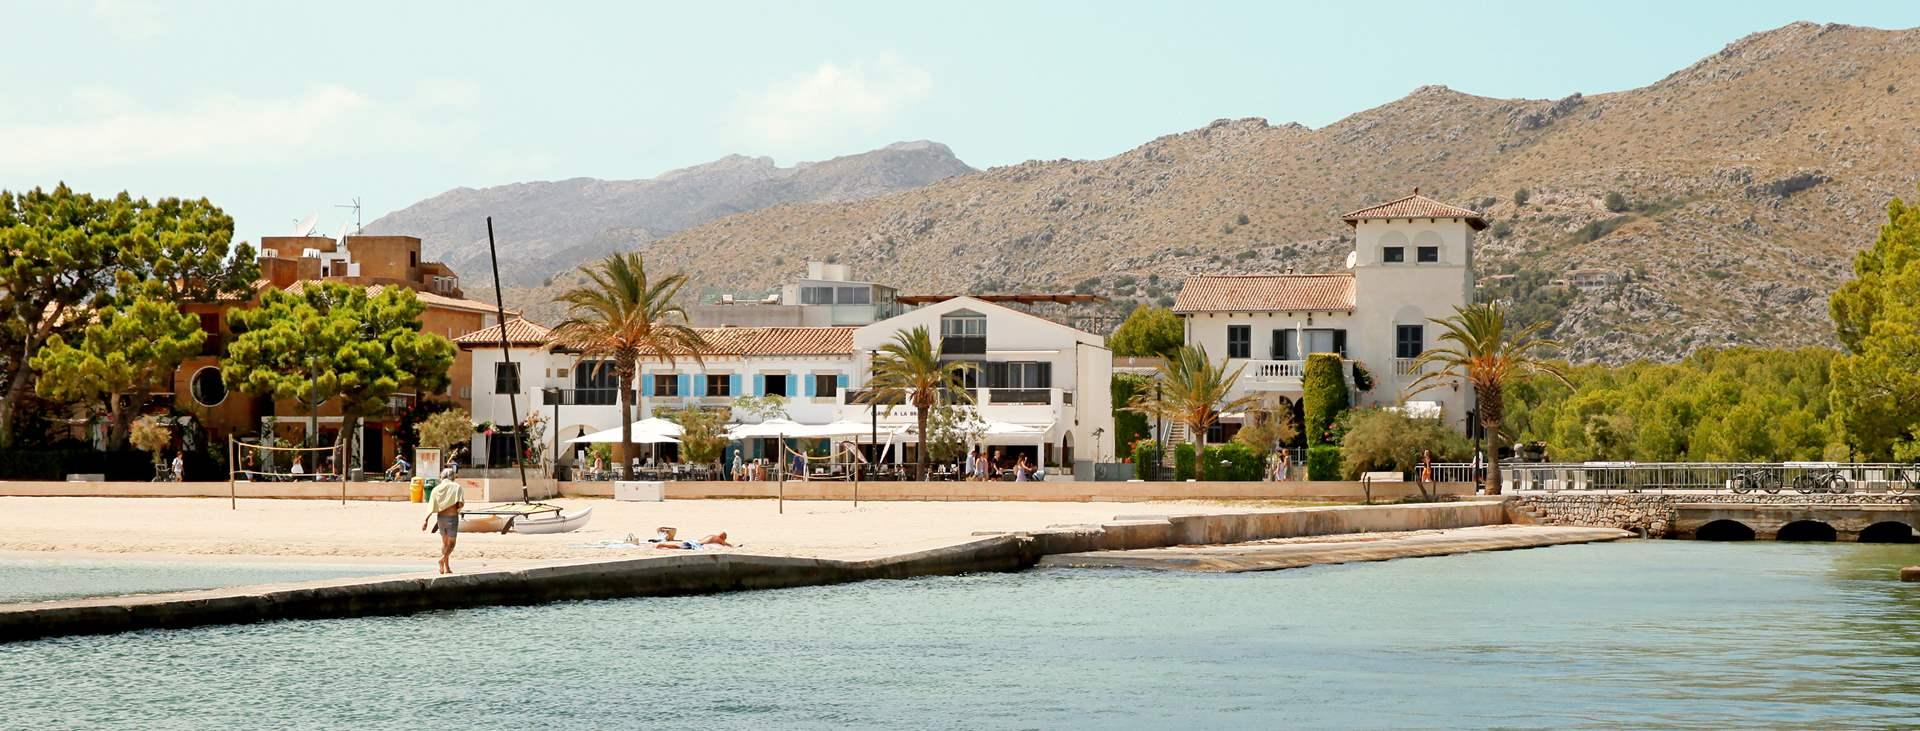 Lähde Tjäreborgin kautta Puerto Pollensaan, Mallorcalle joustavasti reittilennoilla